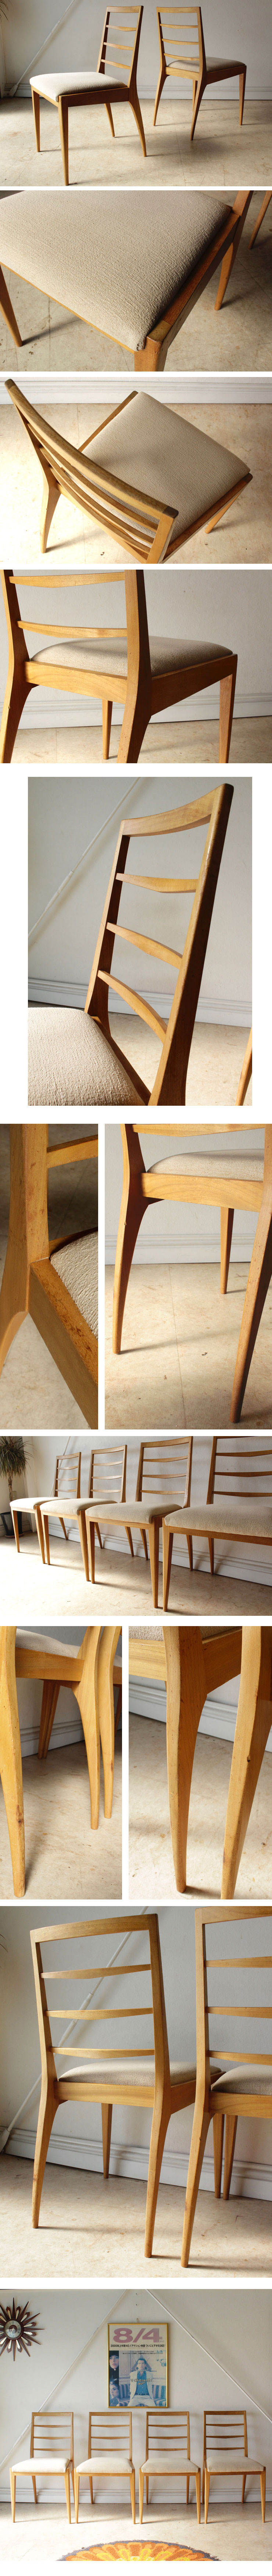 イギリス製ヴィンテージダイニングチェア椅子、マッキントッシュ製